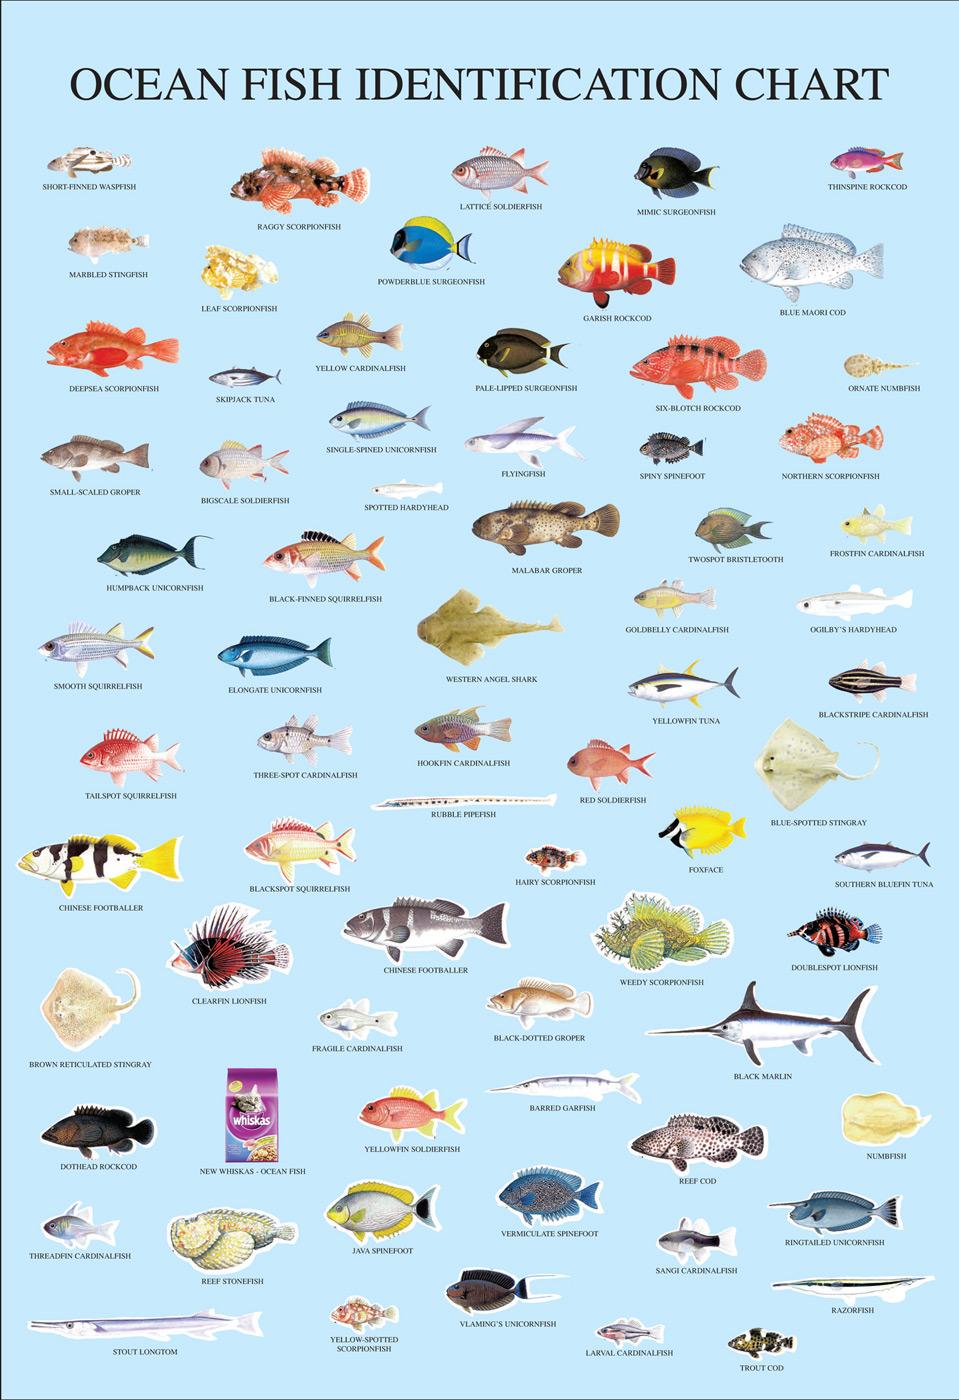 виды рыб с названиями и картинками этому обсуждаемость, просмотры